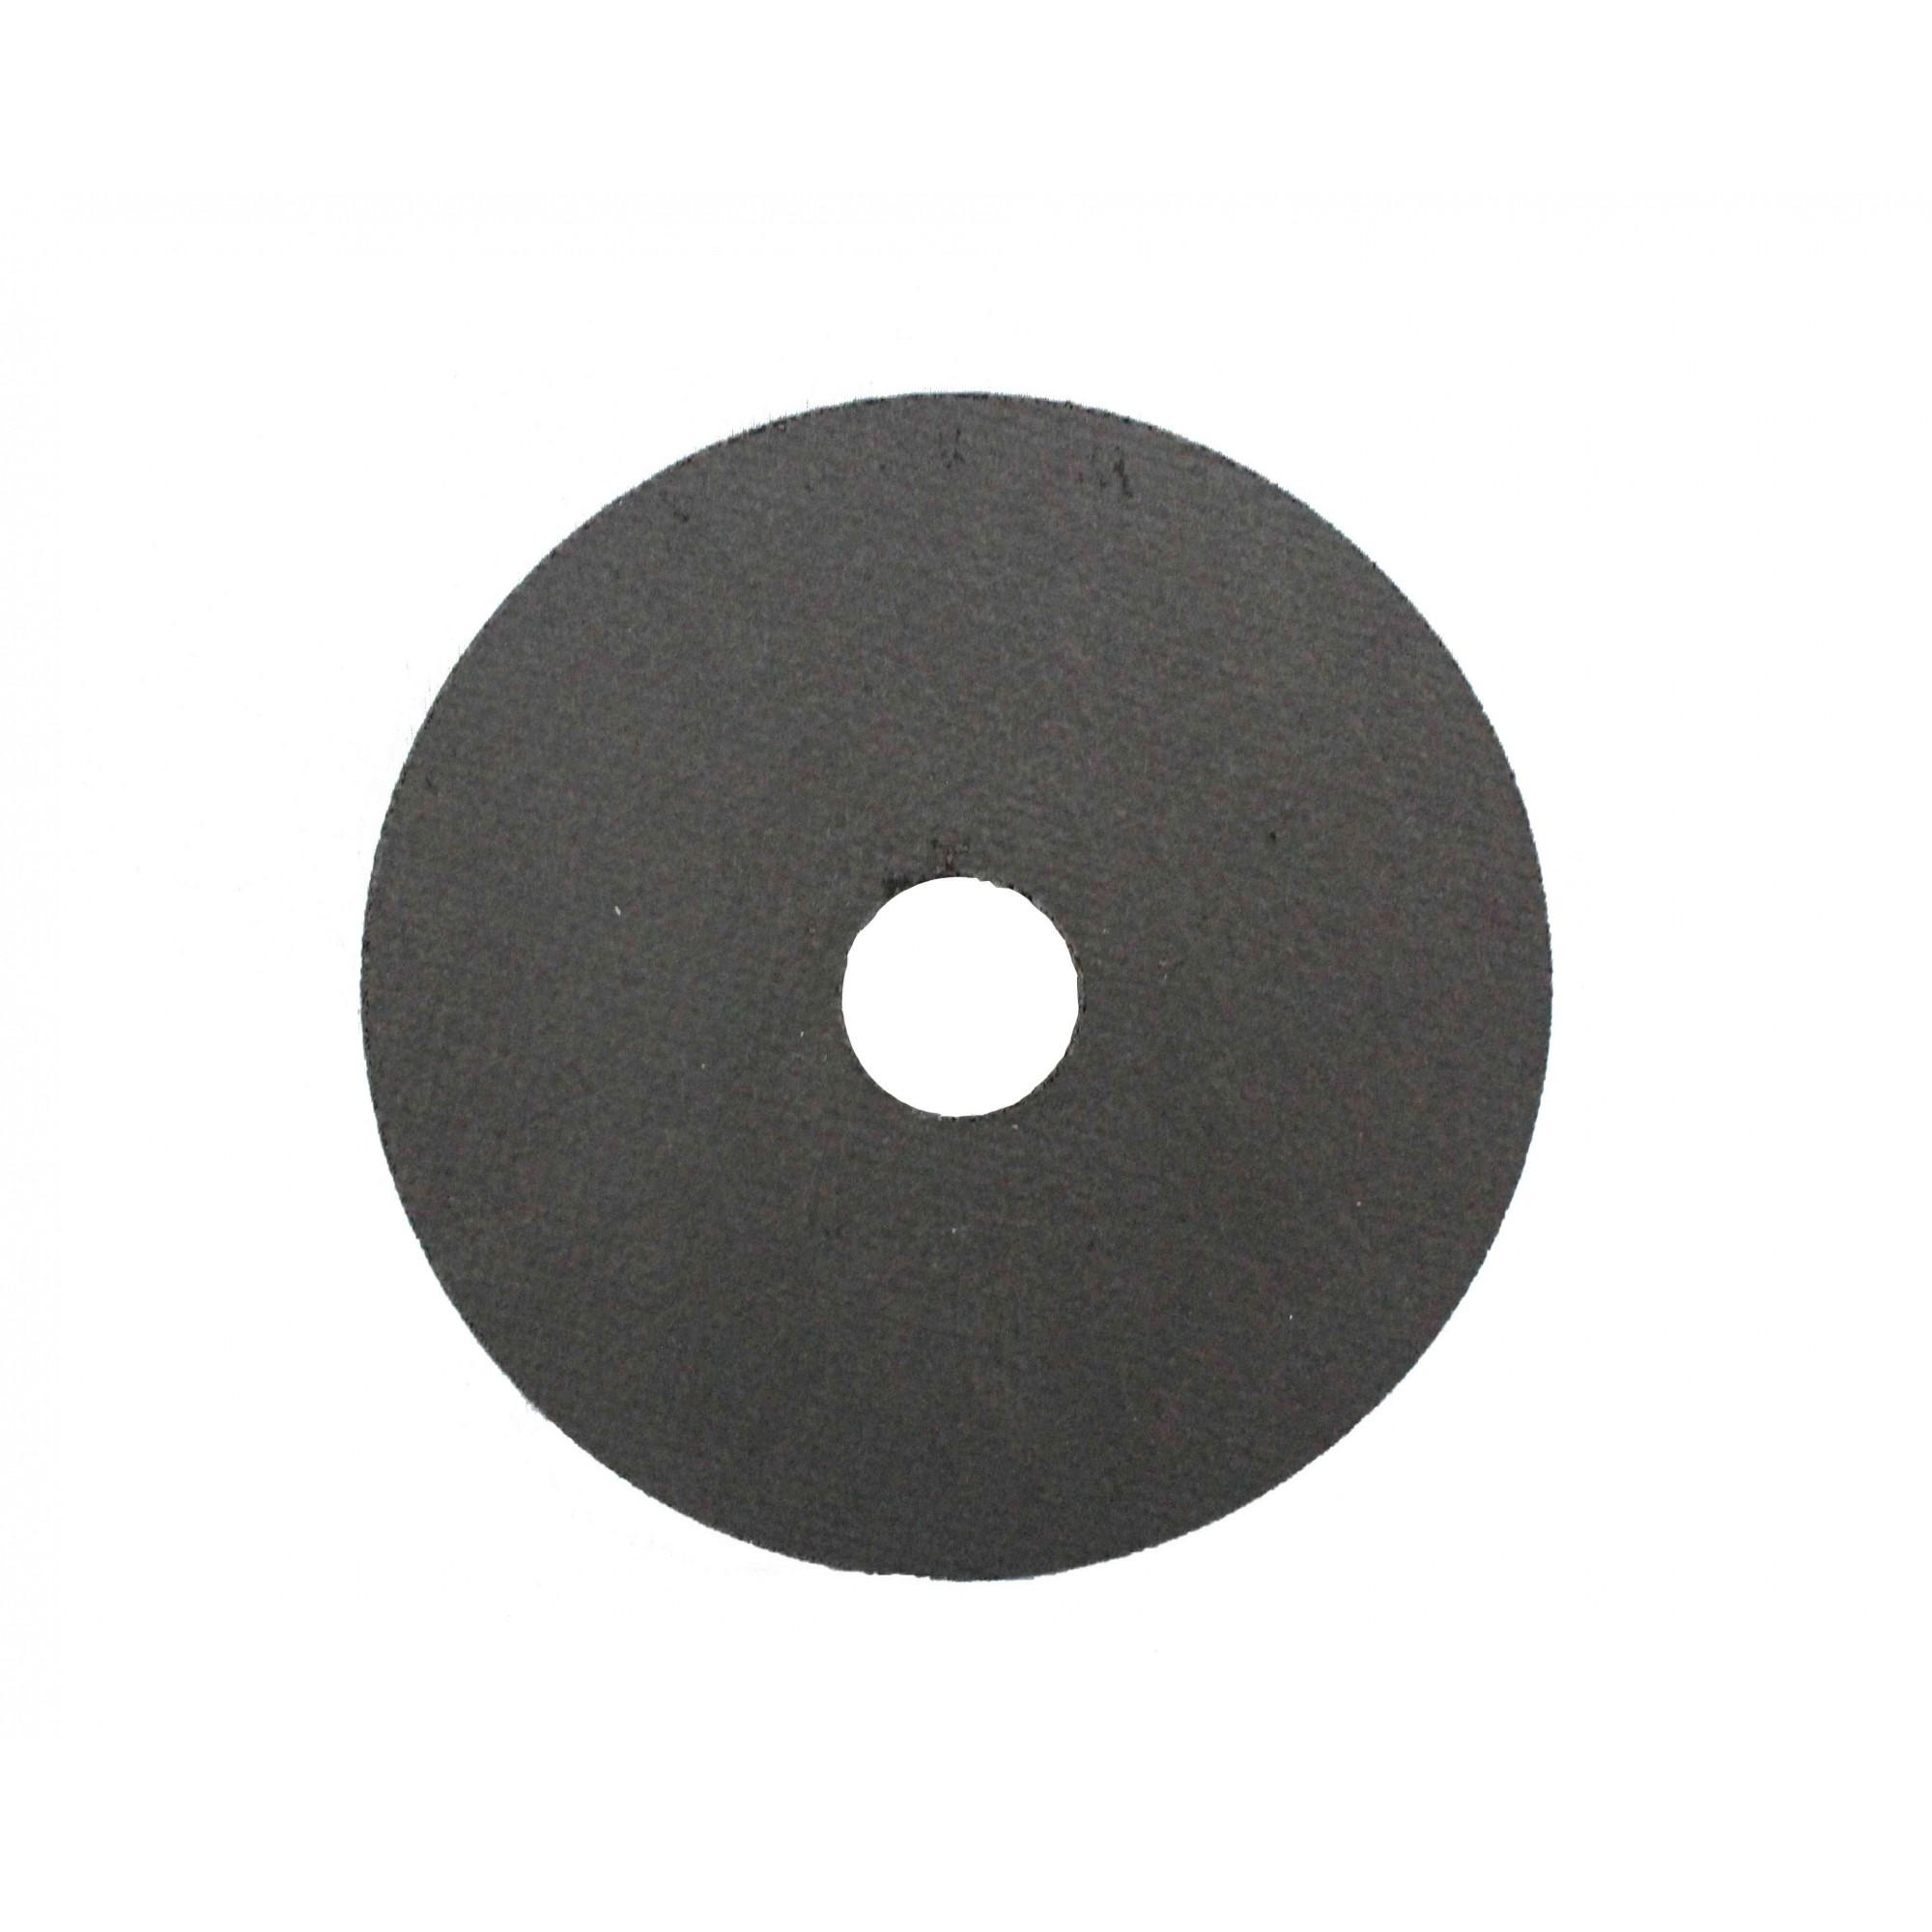 Disco de Corte Inox 4.1/2 Pol - 115 x 1,0 x 22,2 mm Stanley - 25 unidades